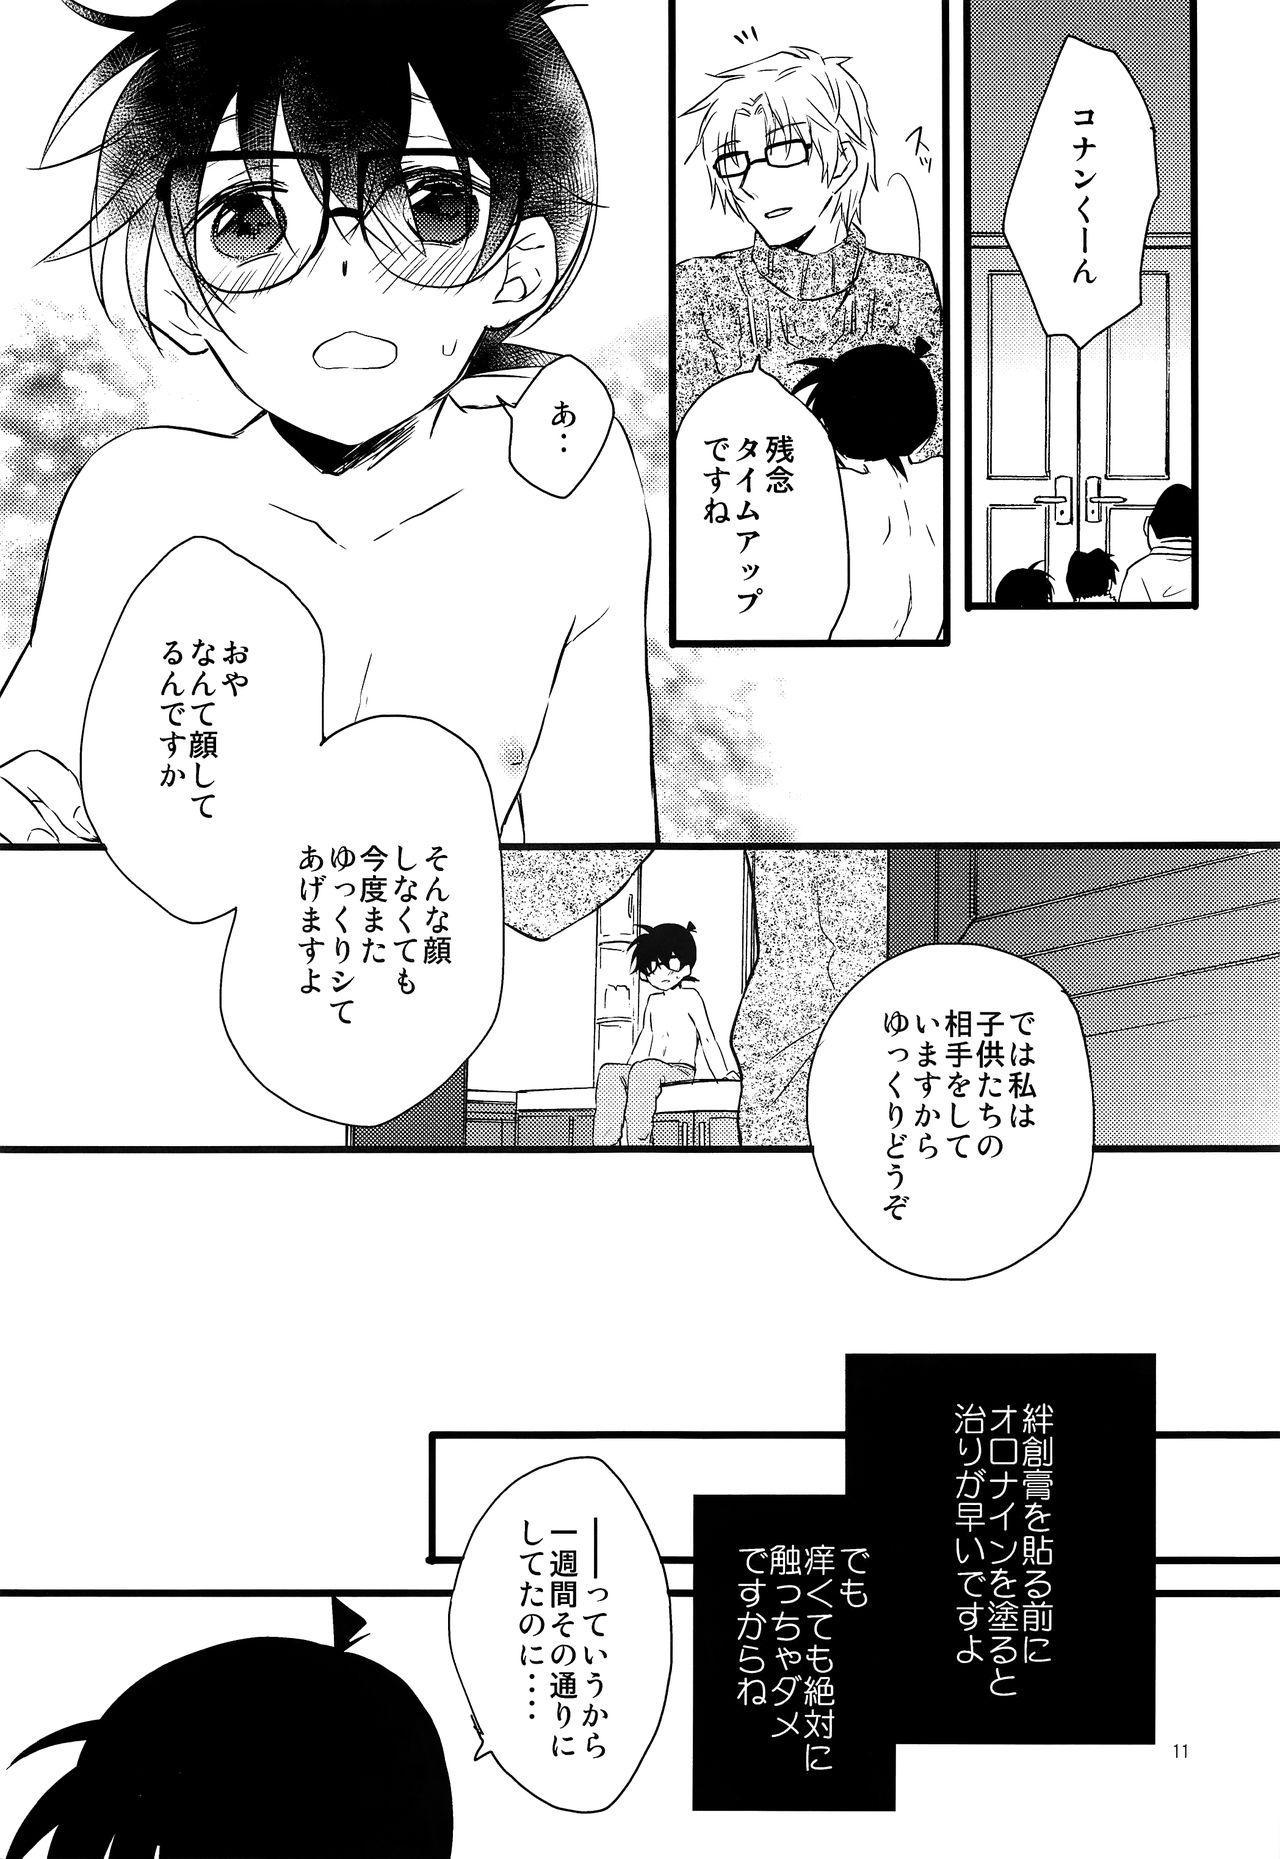 Conan-kun ga Chikubi Kaihatsu Sarechau Hon 9